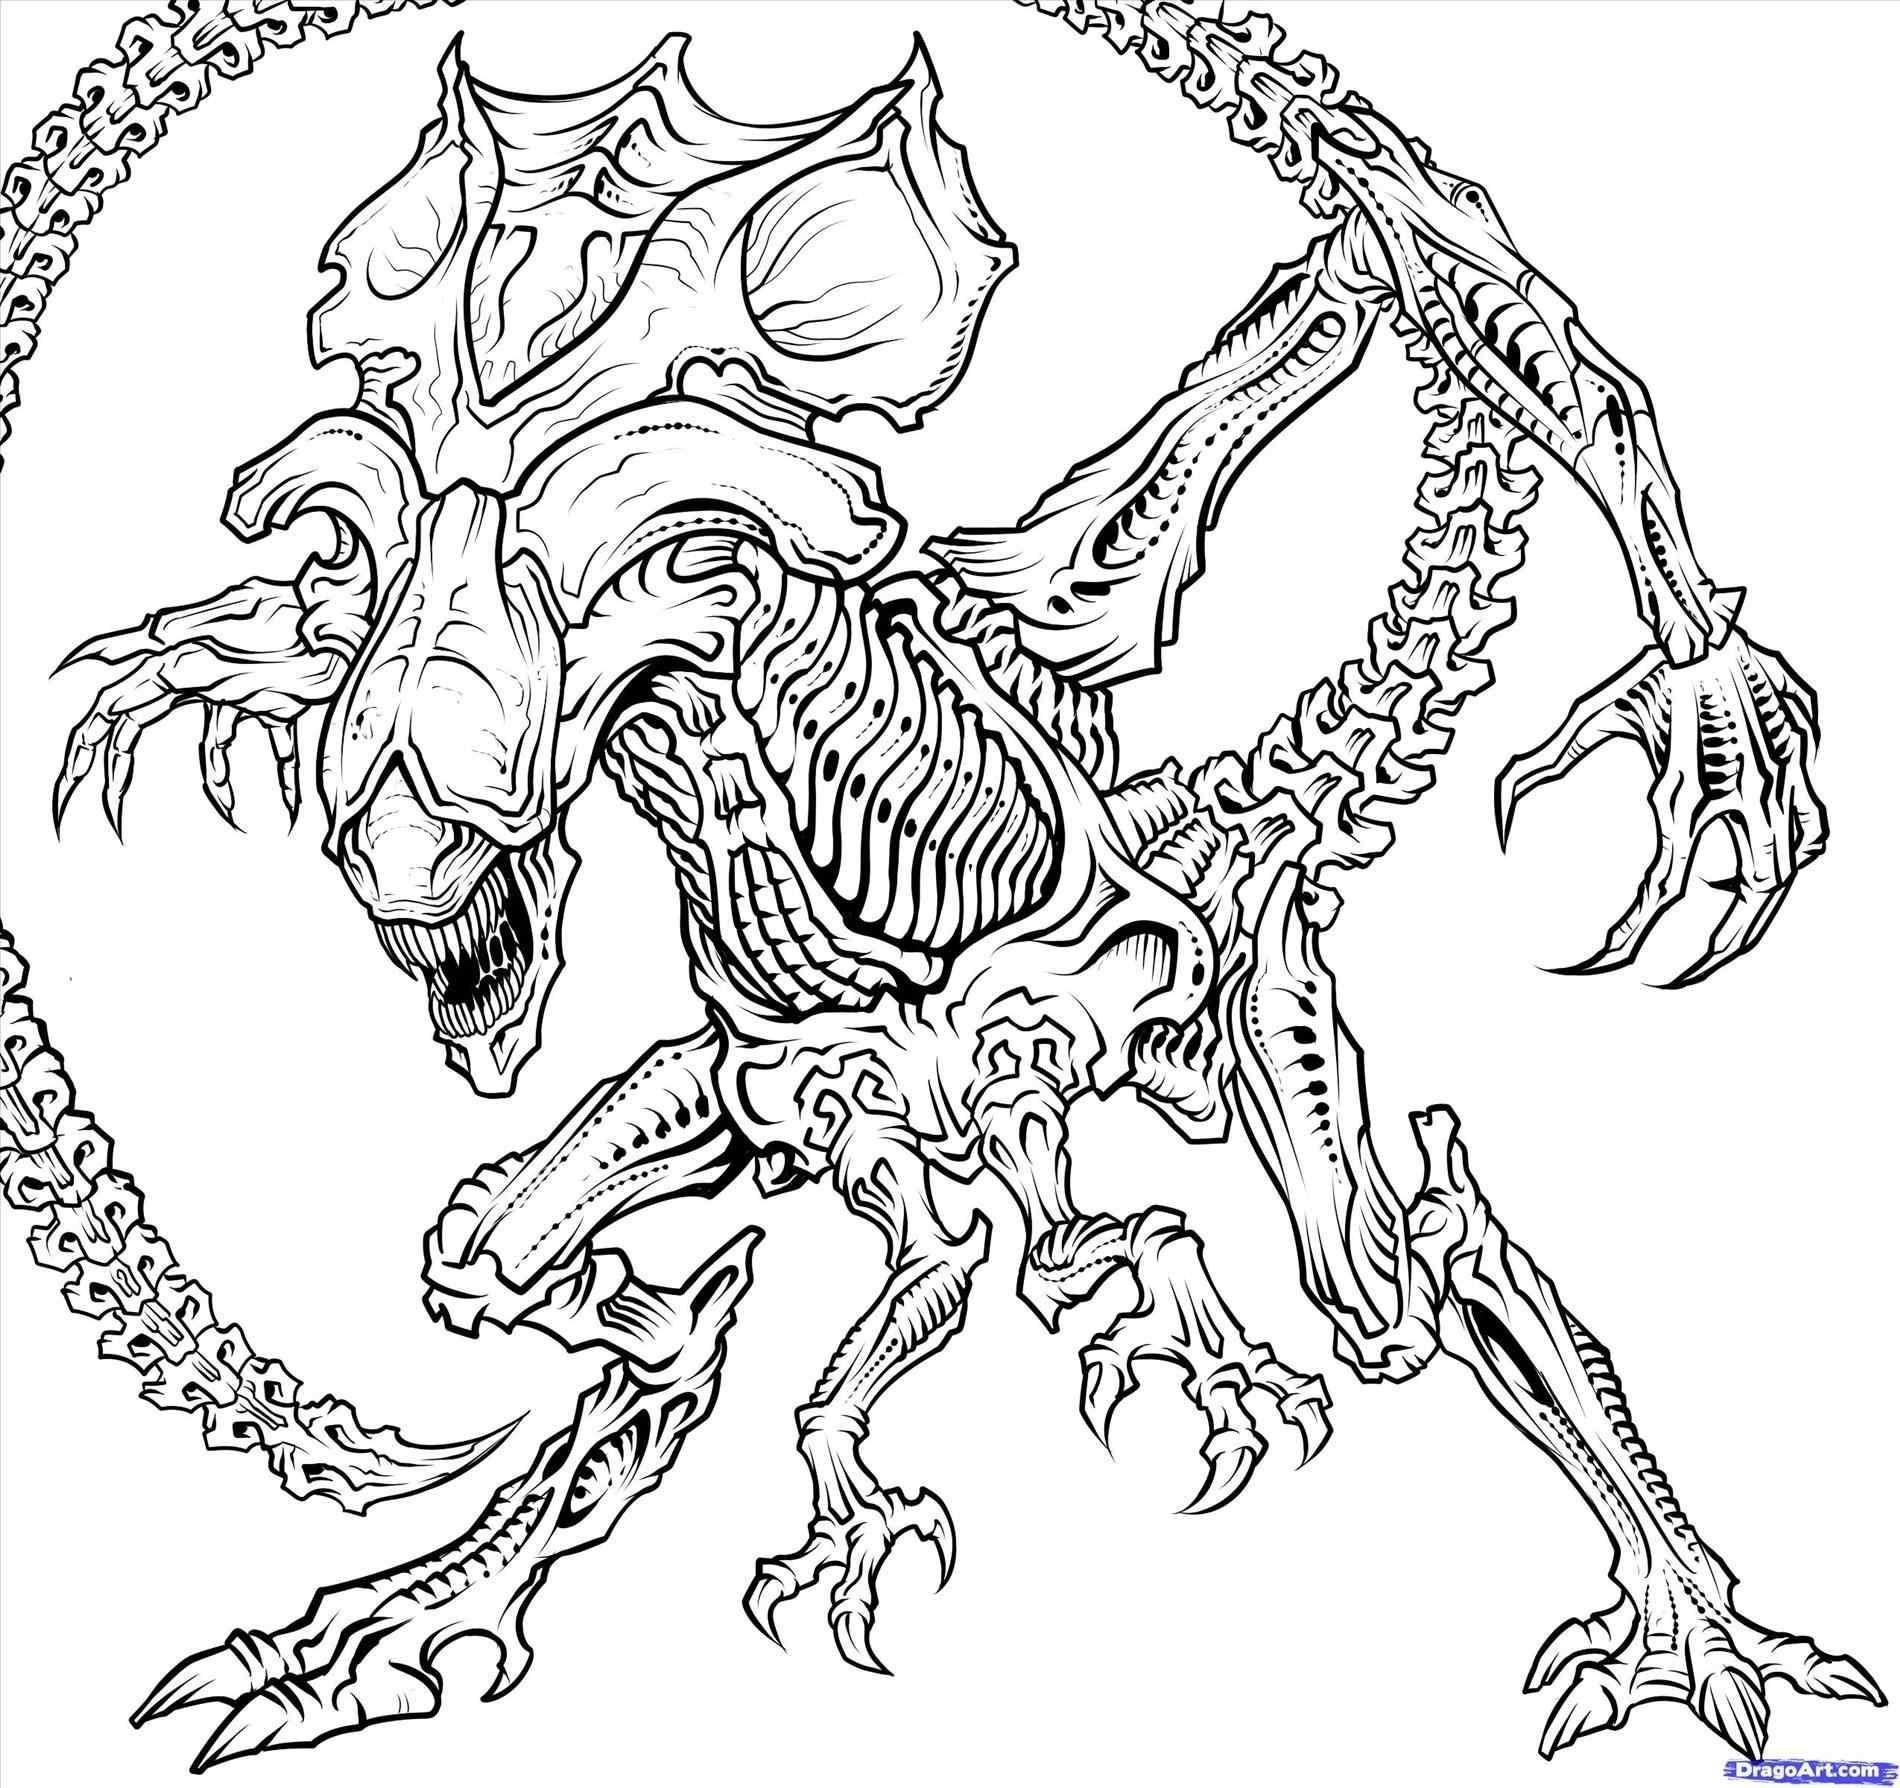 38 Xenomorph Coloring Page Queen Drawing Predator Art Alien Vs Predator